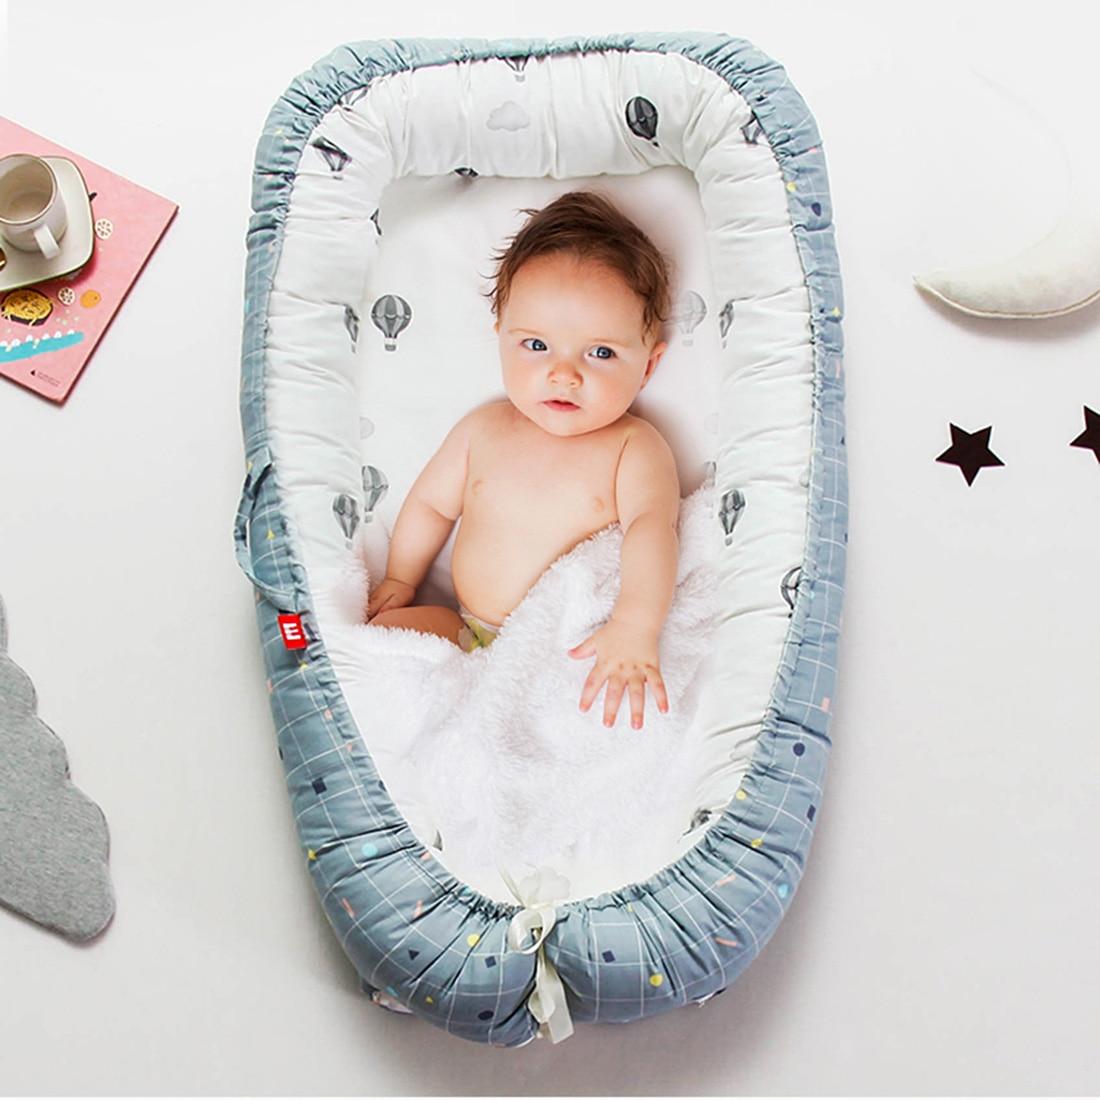 90x55x15cm bébé nid Portable couffin pliable bionique lit bébé chaise longue infantile enfant en bas âge coton nid pour nouveau-né couffin pare-chocs